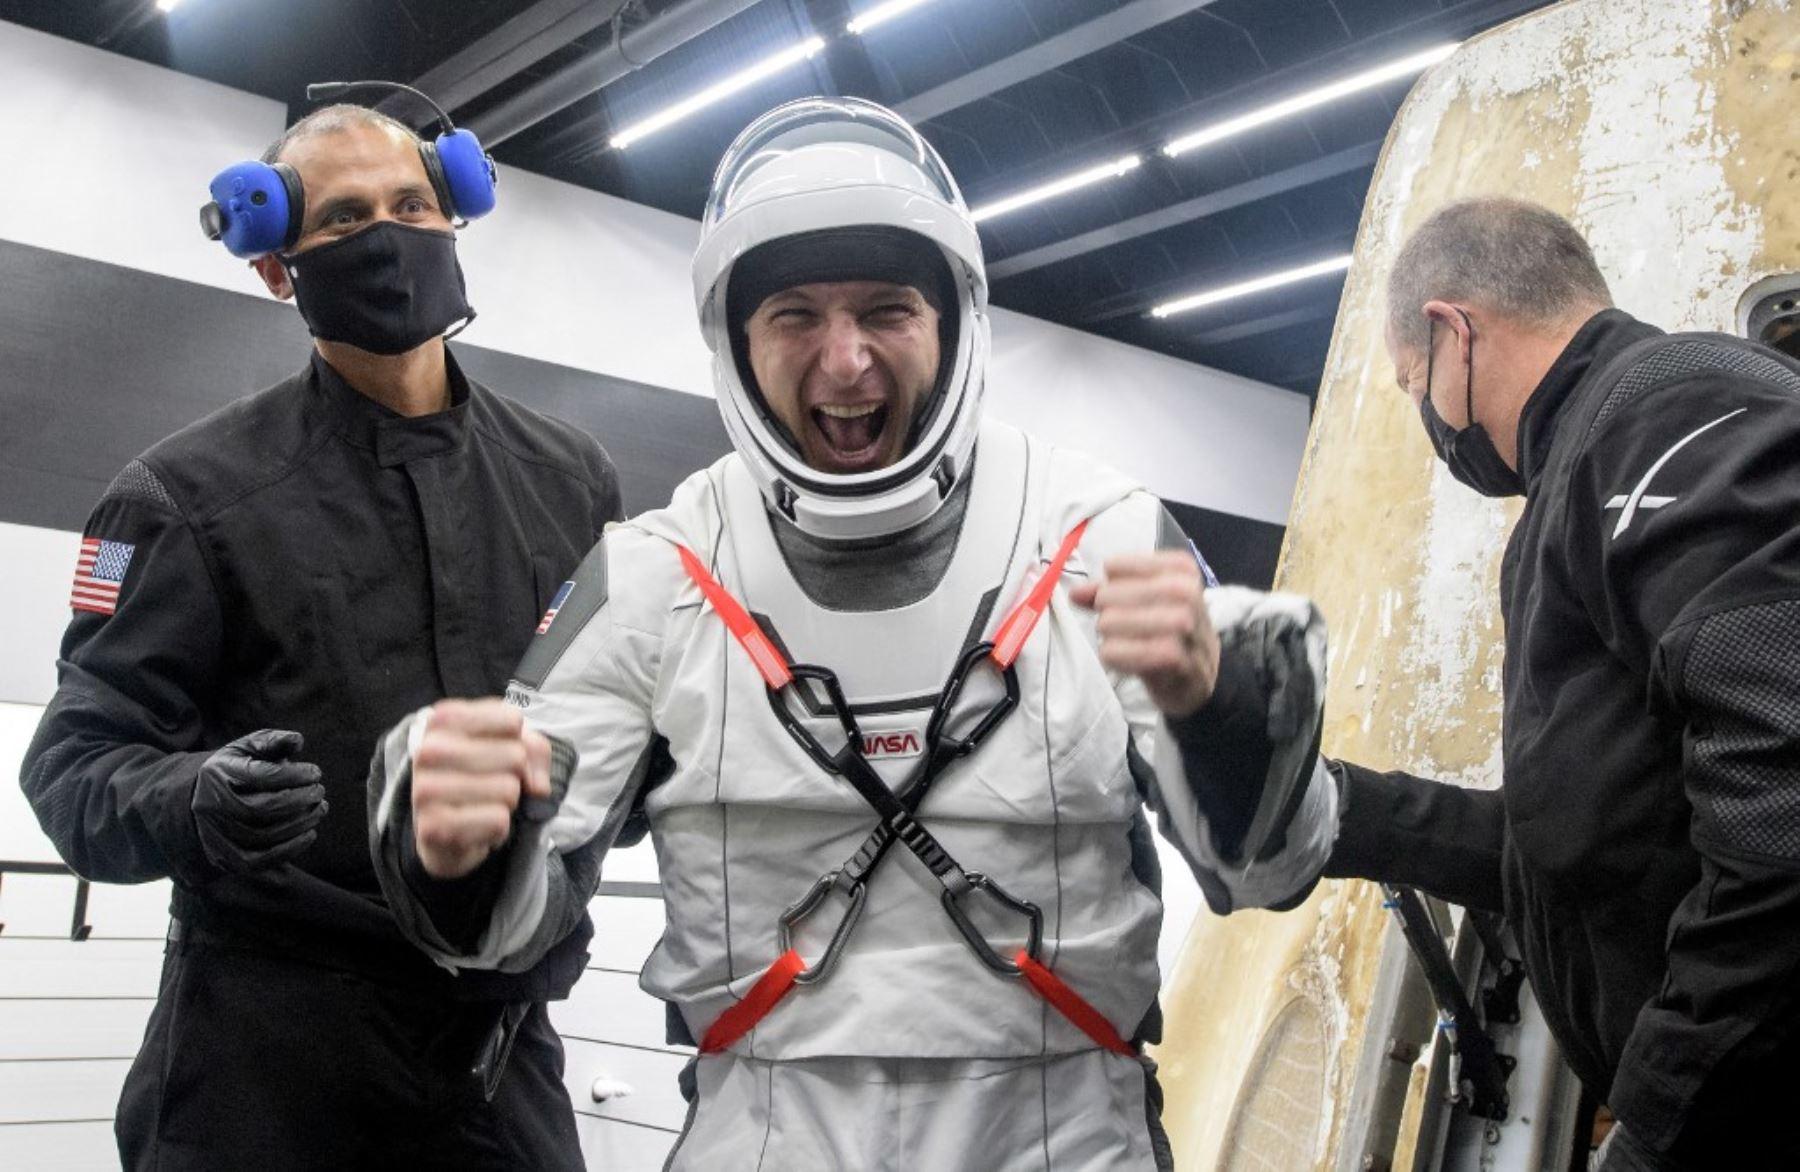 El astronauta de la NASA Mike Hopkins (C) reaccionando mientras lo ayudan a salir de la nave espacial SpaceX Crew Dragon Resilience a bordo de la nave de recuperación SpaceX GO Navigator. Foto: NASA